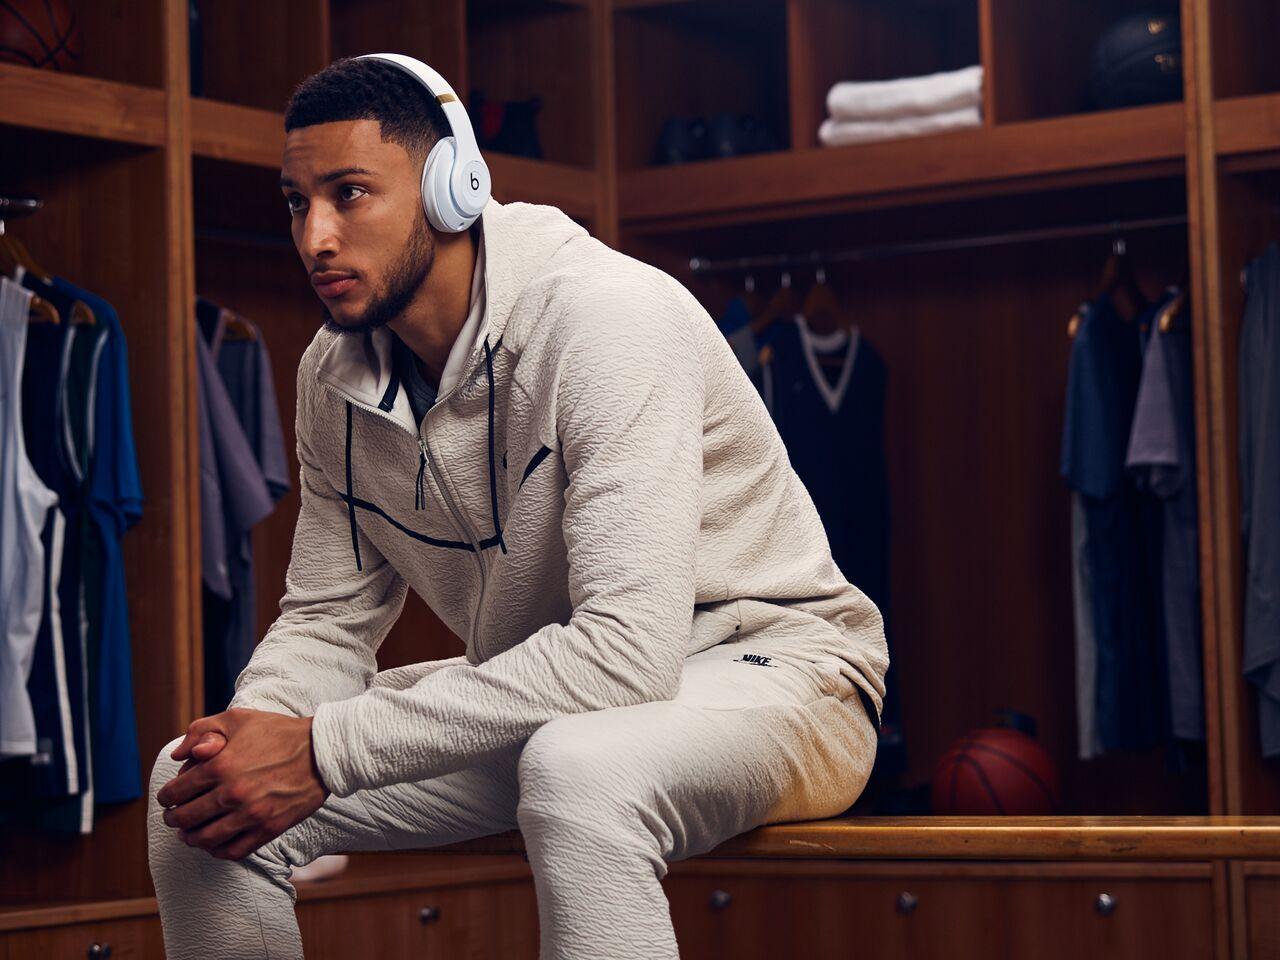 Casque Beats By Dre NBA Chicago Bulls | Casque beats, Casque